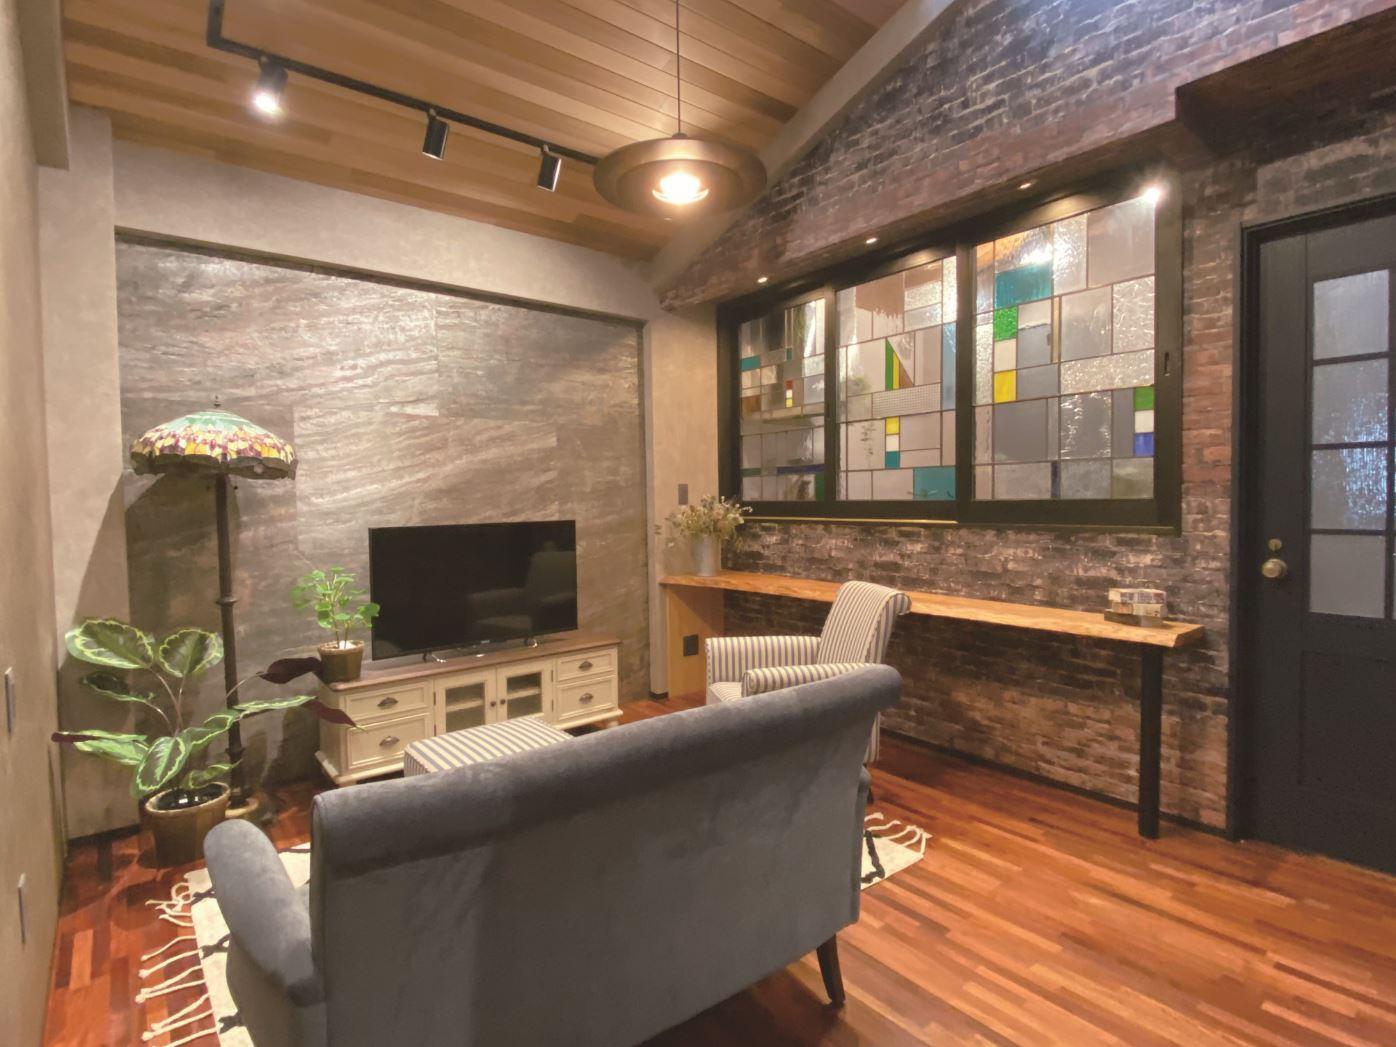 タツミハウジング【豊川市伊奈町前山19-12・モデルハウス】リビングの間仕切りと、照明器具のステンドグラスがアクセントに